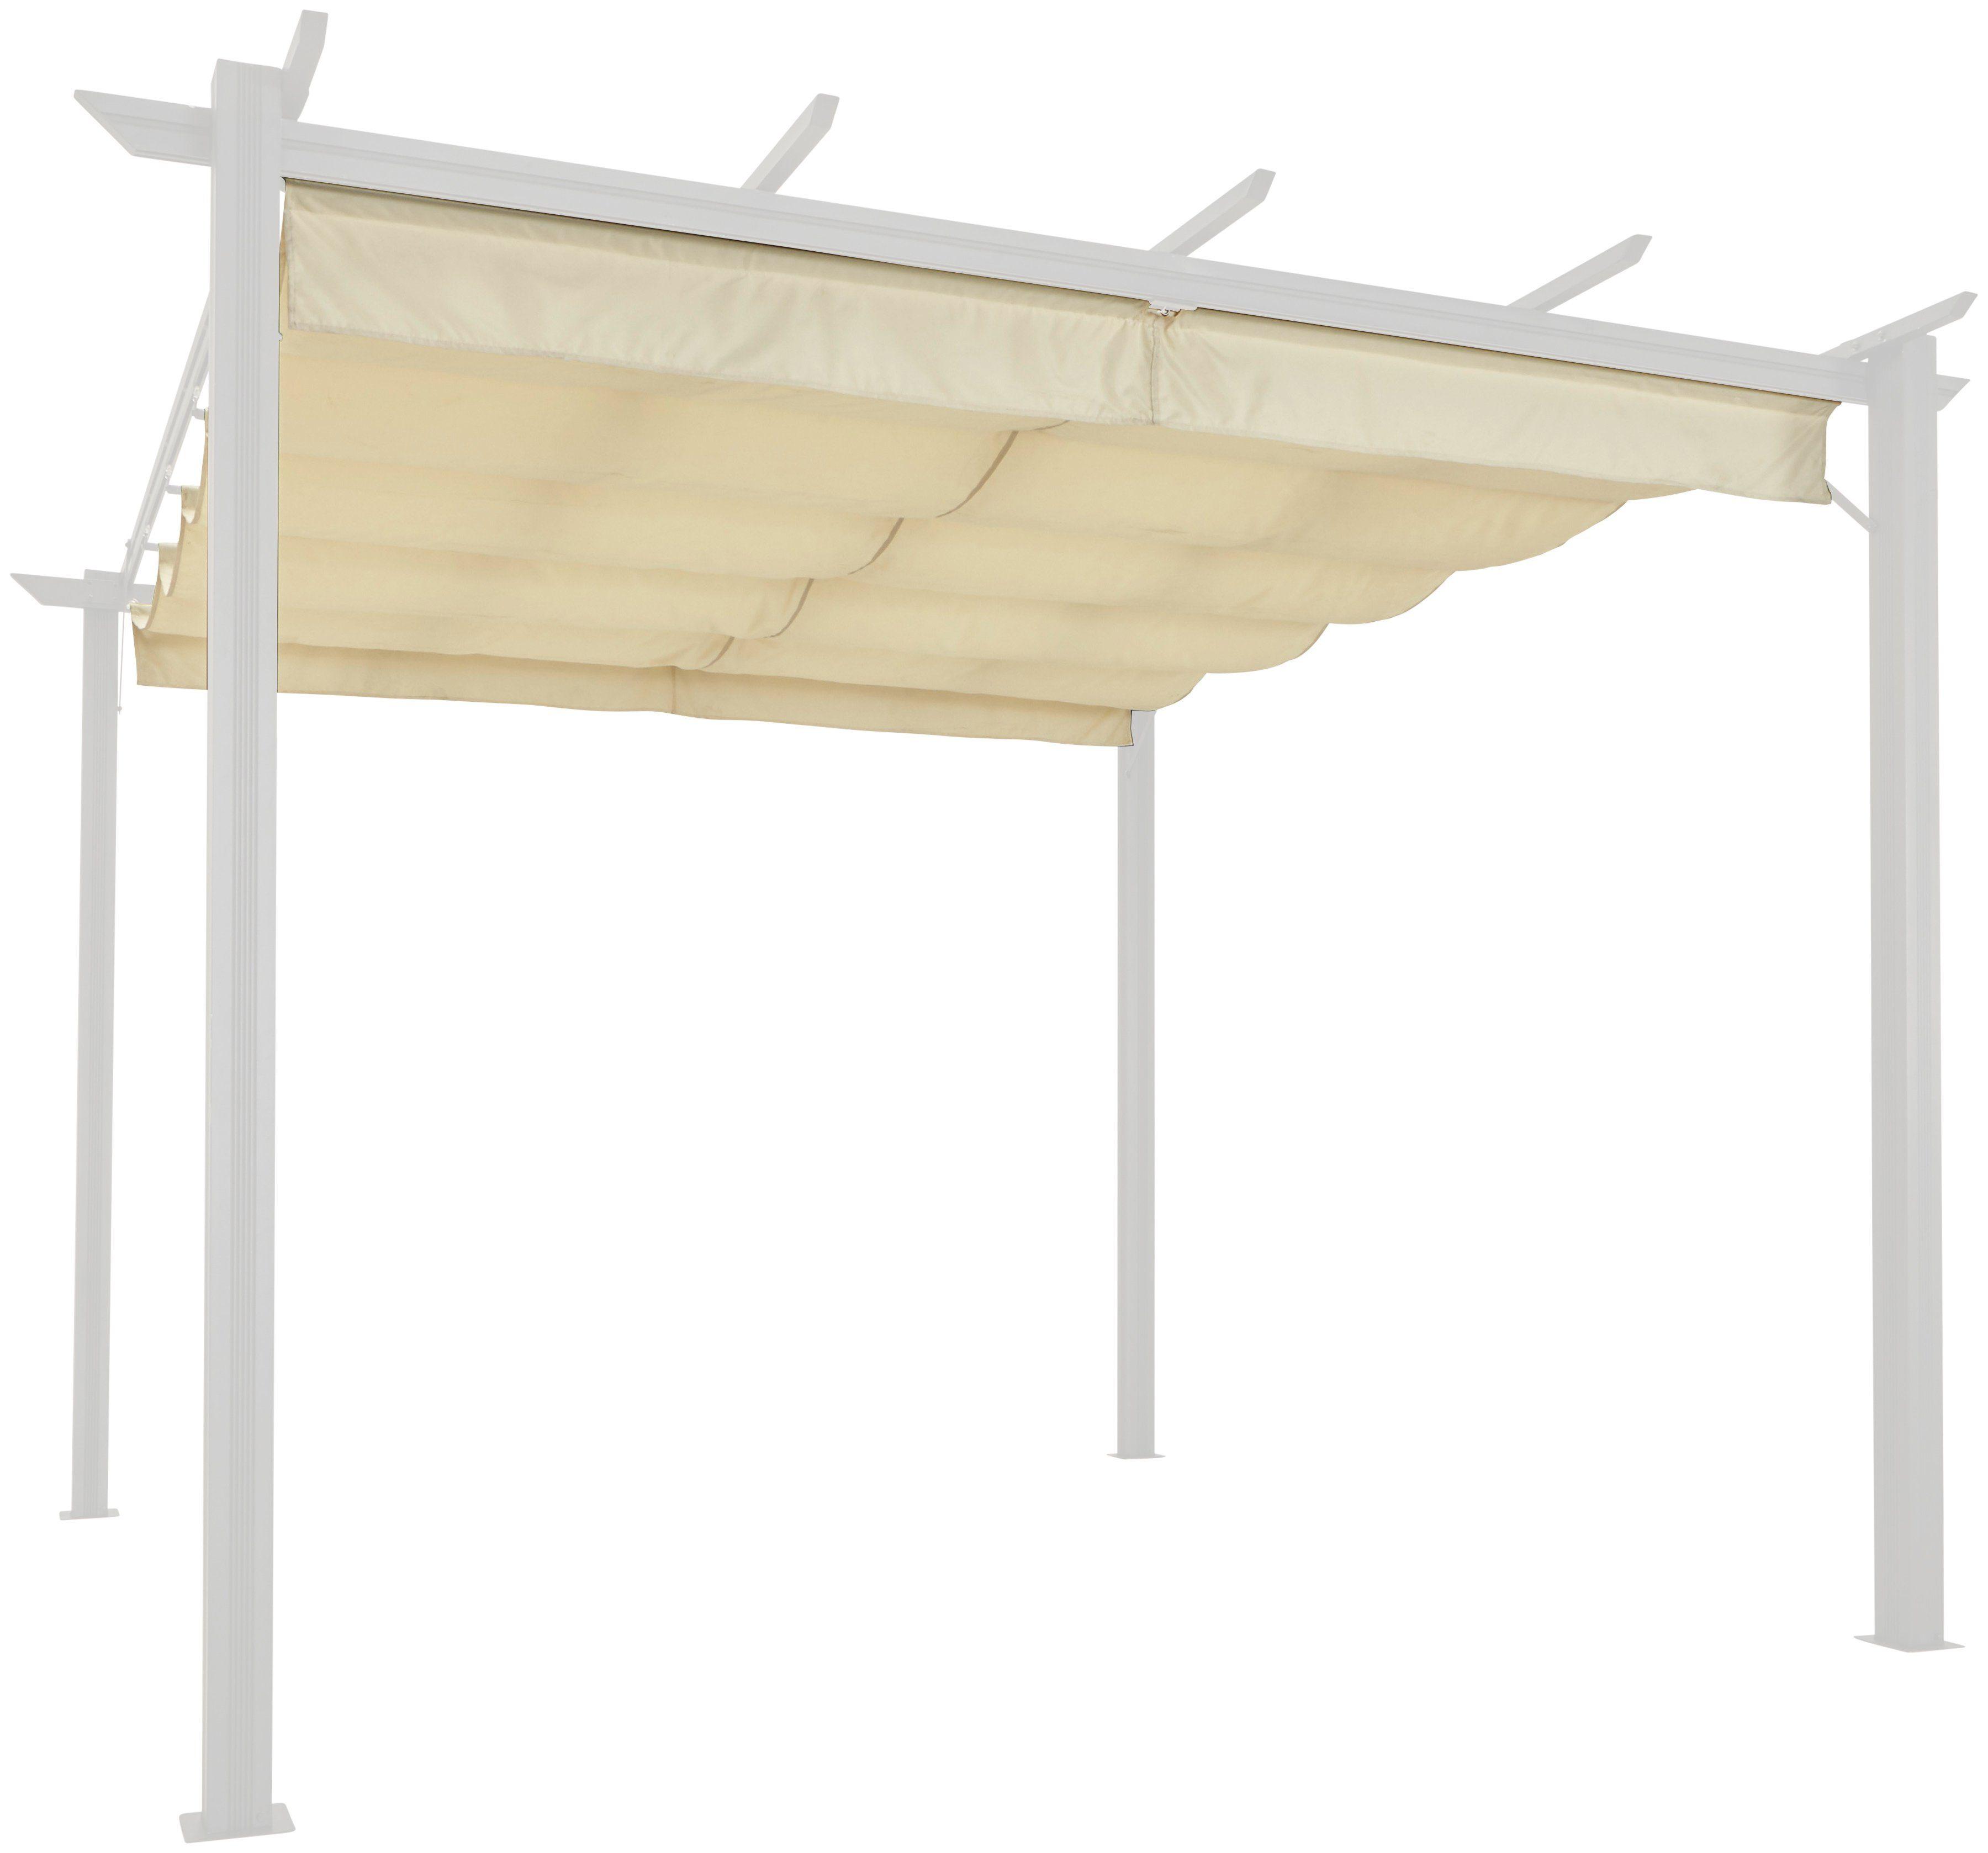 Ersatzdach für Pavillon »Tilos«, BxL: 300x400 cm, sandfarben